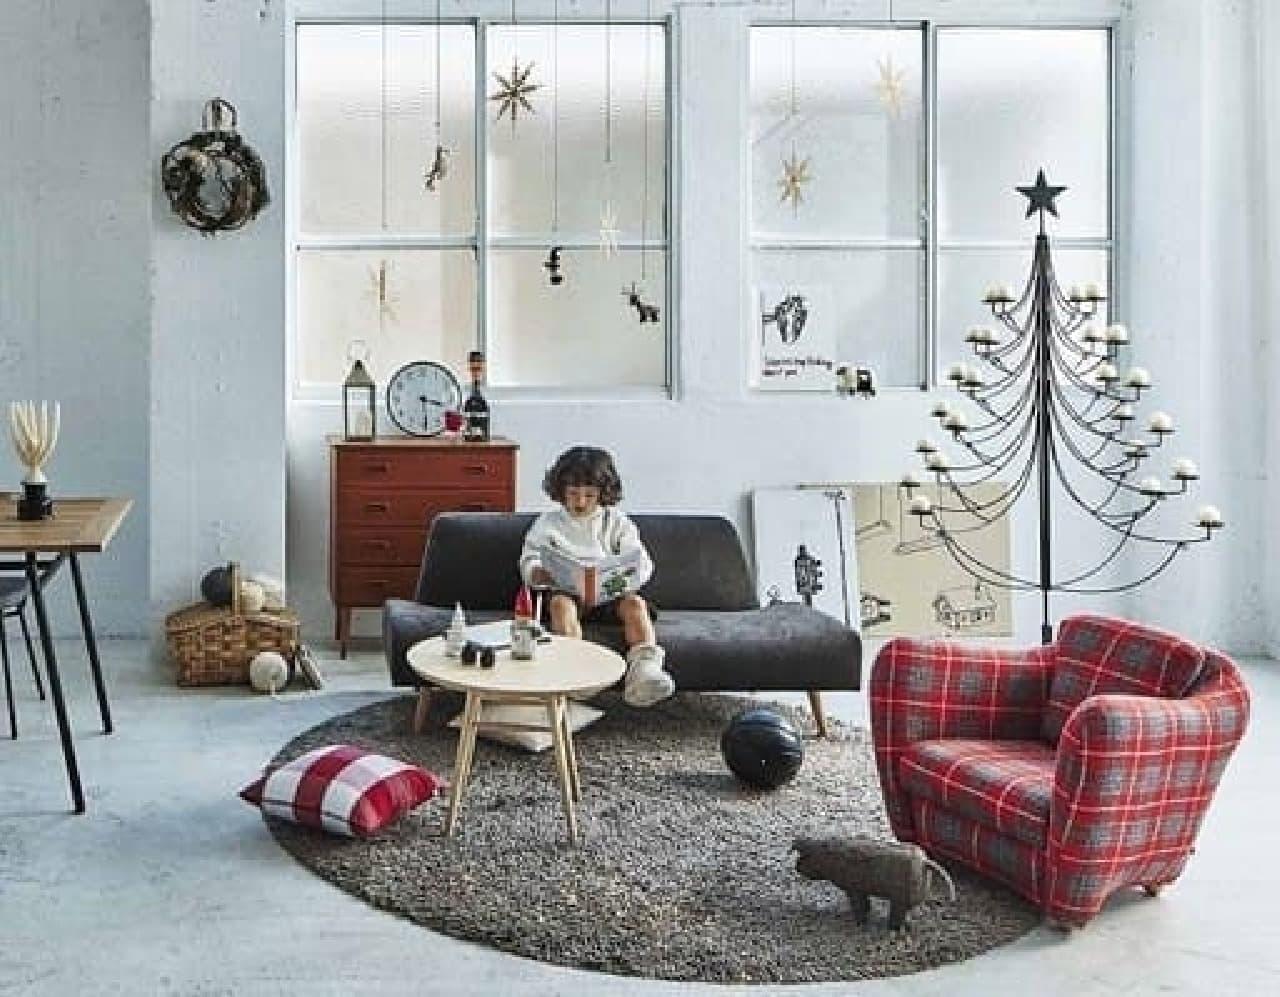 ホリデーシーズンを温かく彩るスペシャル家具が登場